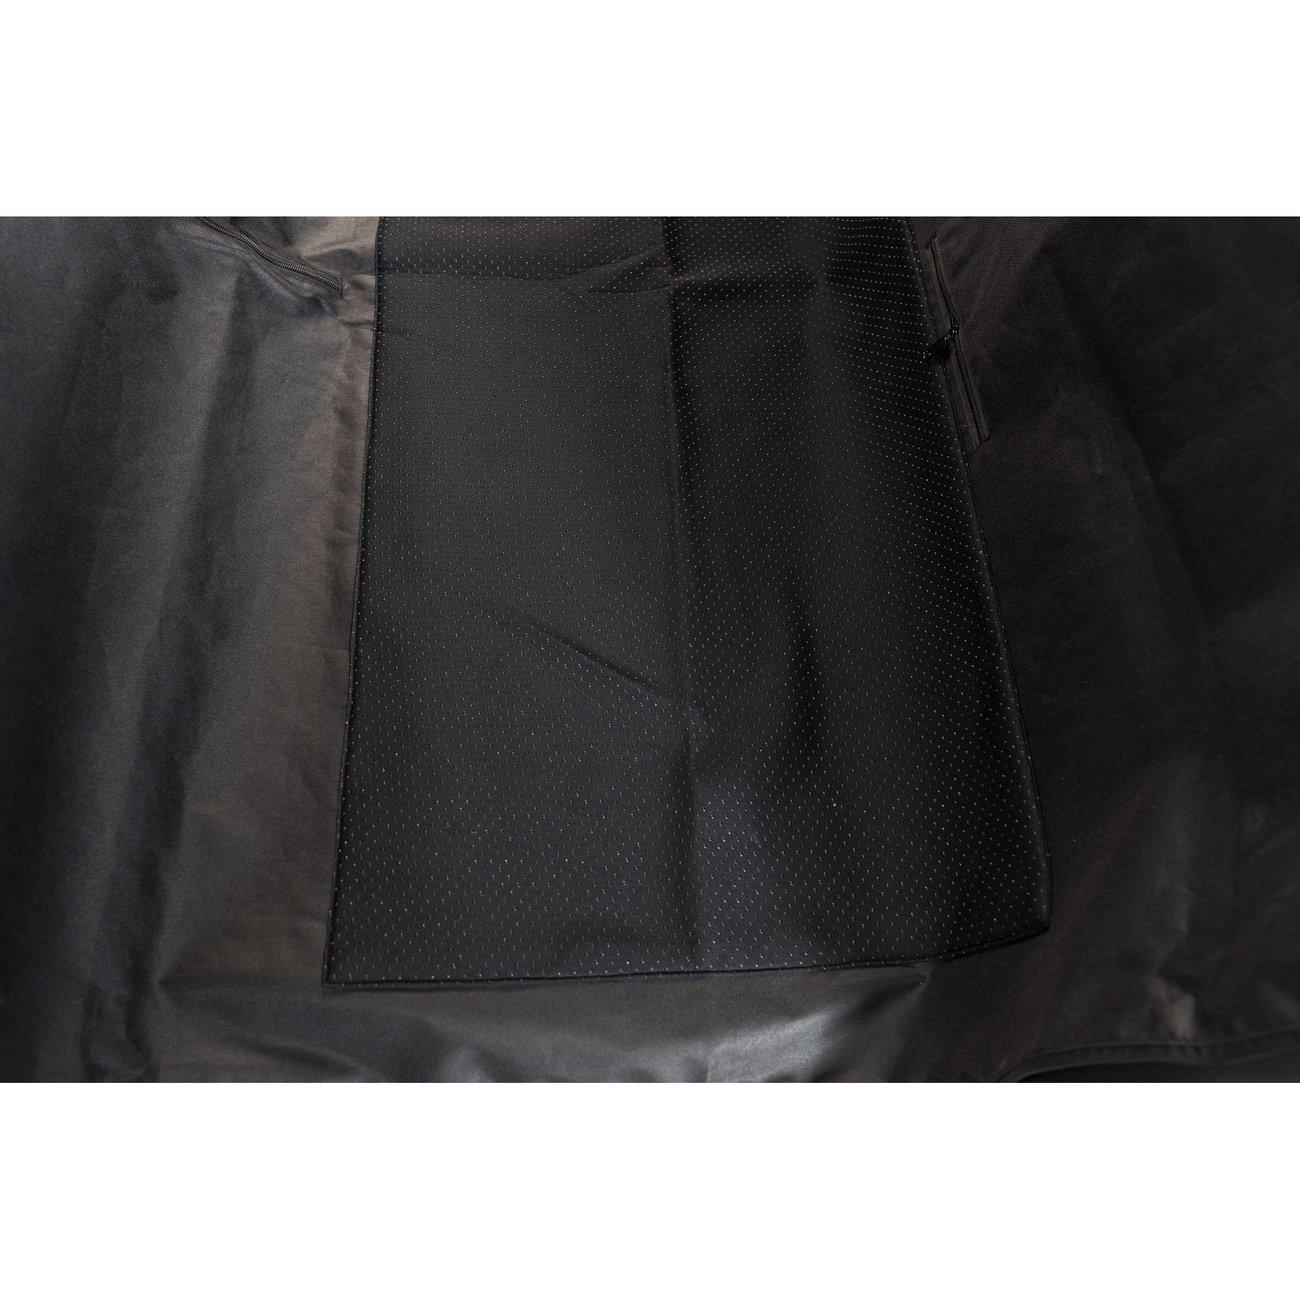 Auto Hundedecke mit Seitenteilen für Rücksitz Bild 16